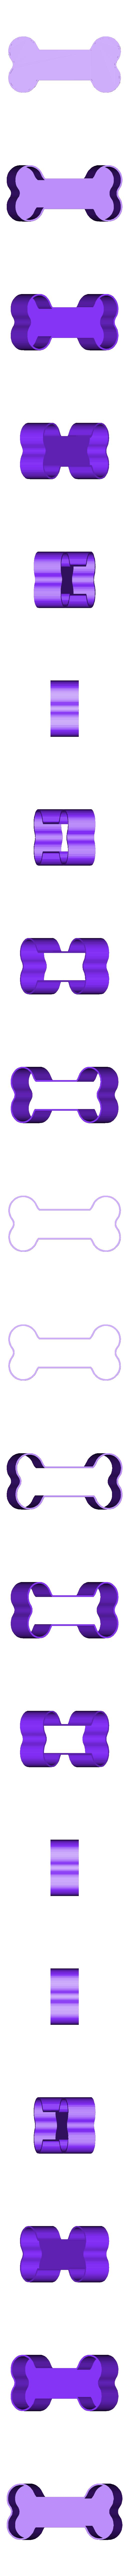 TACHO DE COMIDA.stl Download STL file FEEDER FOR DOG • 3D print model, diklonius